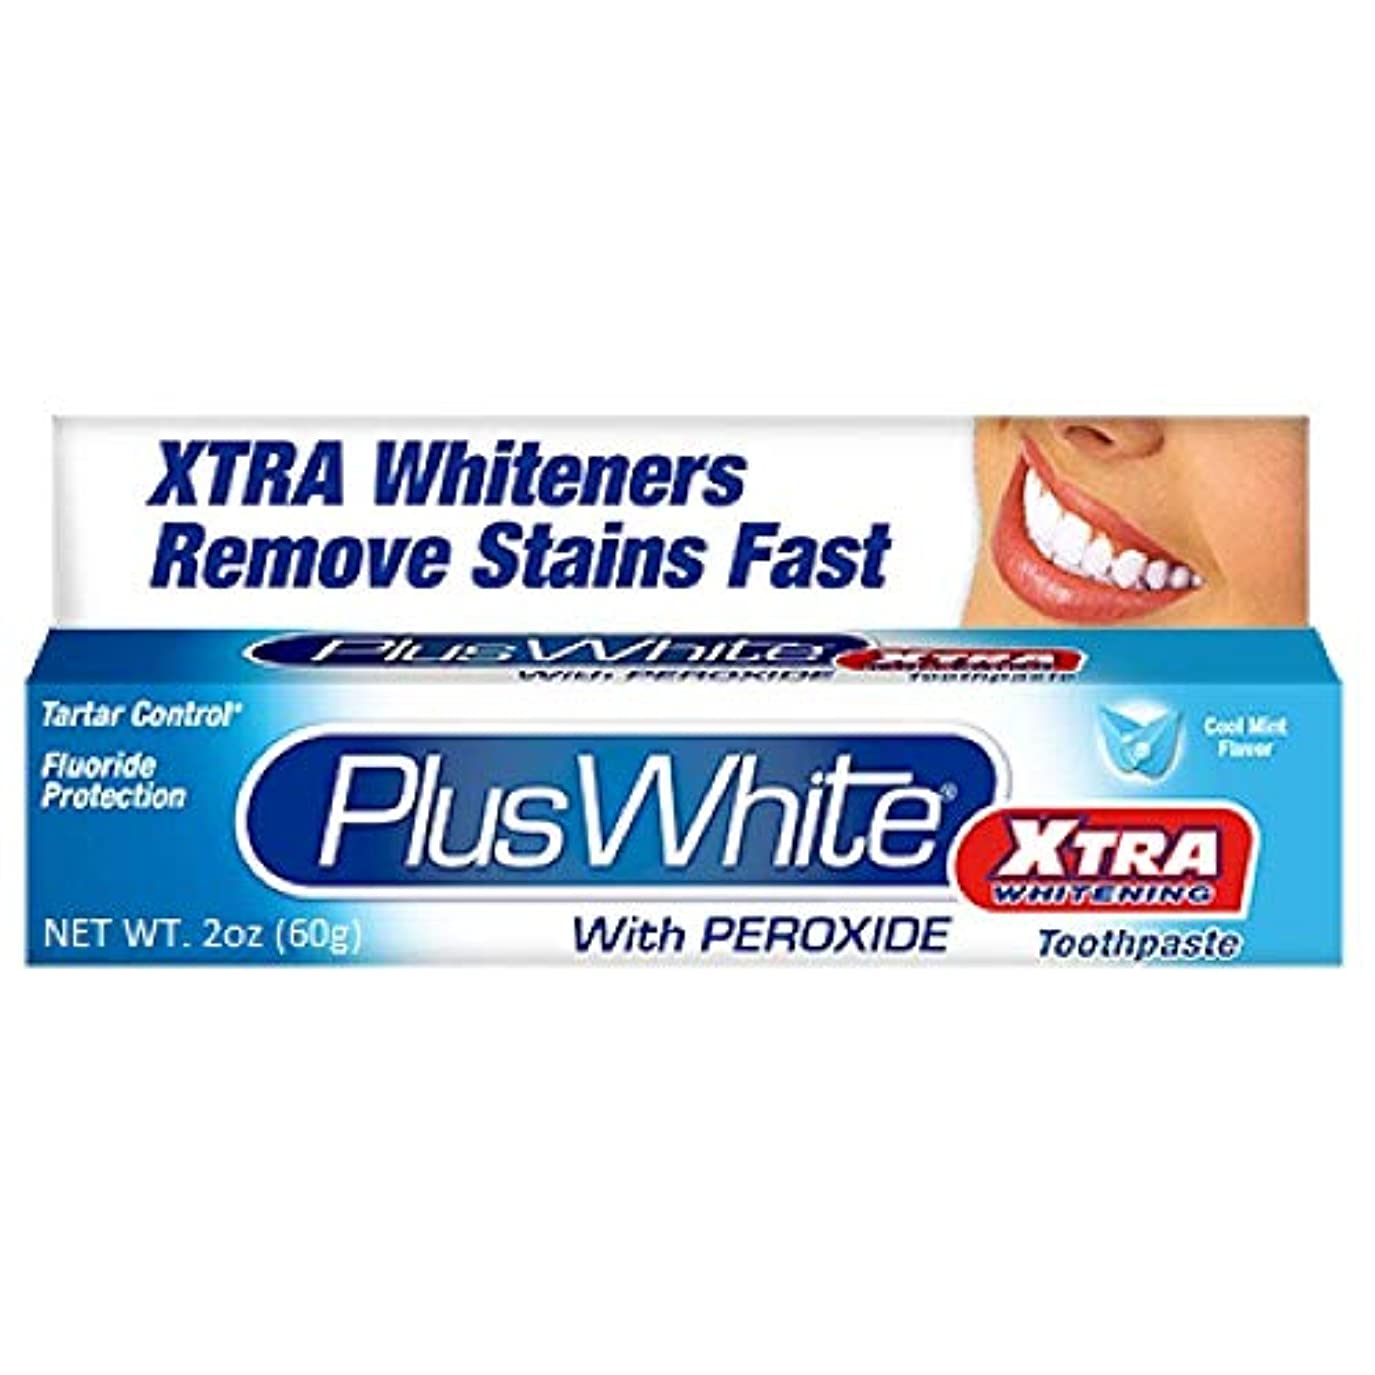 ばかげている確実ペレグリネーションPlus White 過酸化物2オンスハミガキエクストラホワイトニングホワイトニング(4パック)